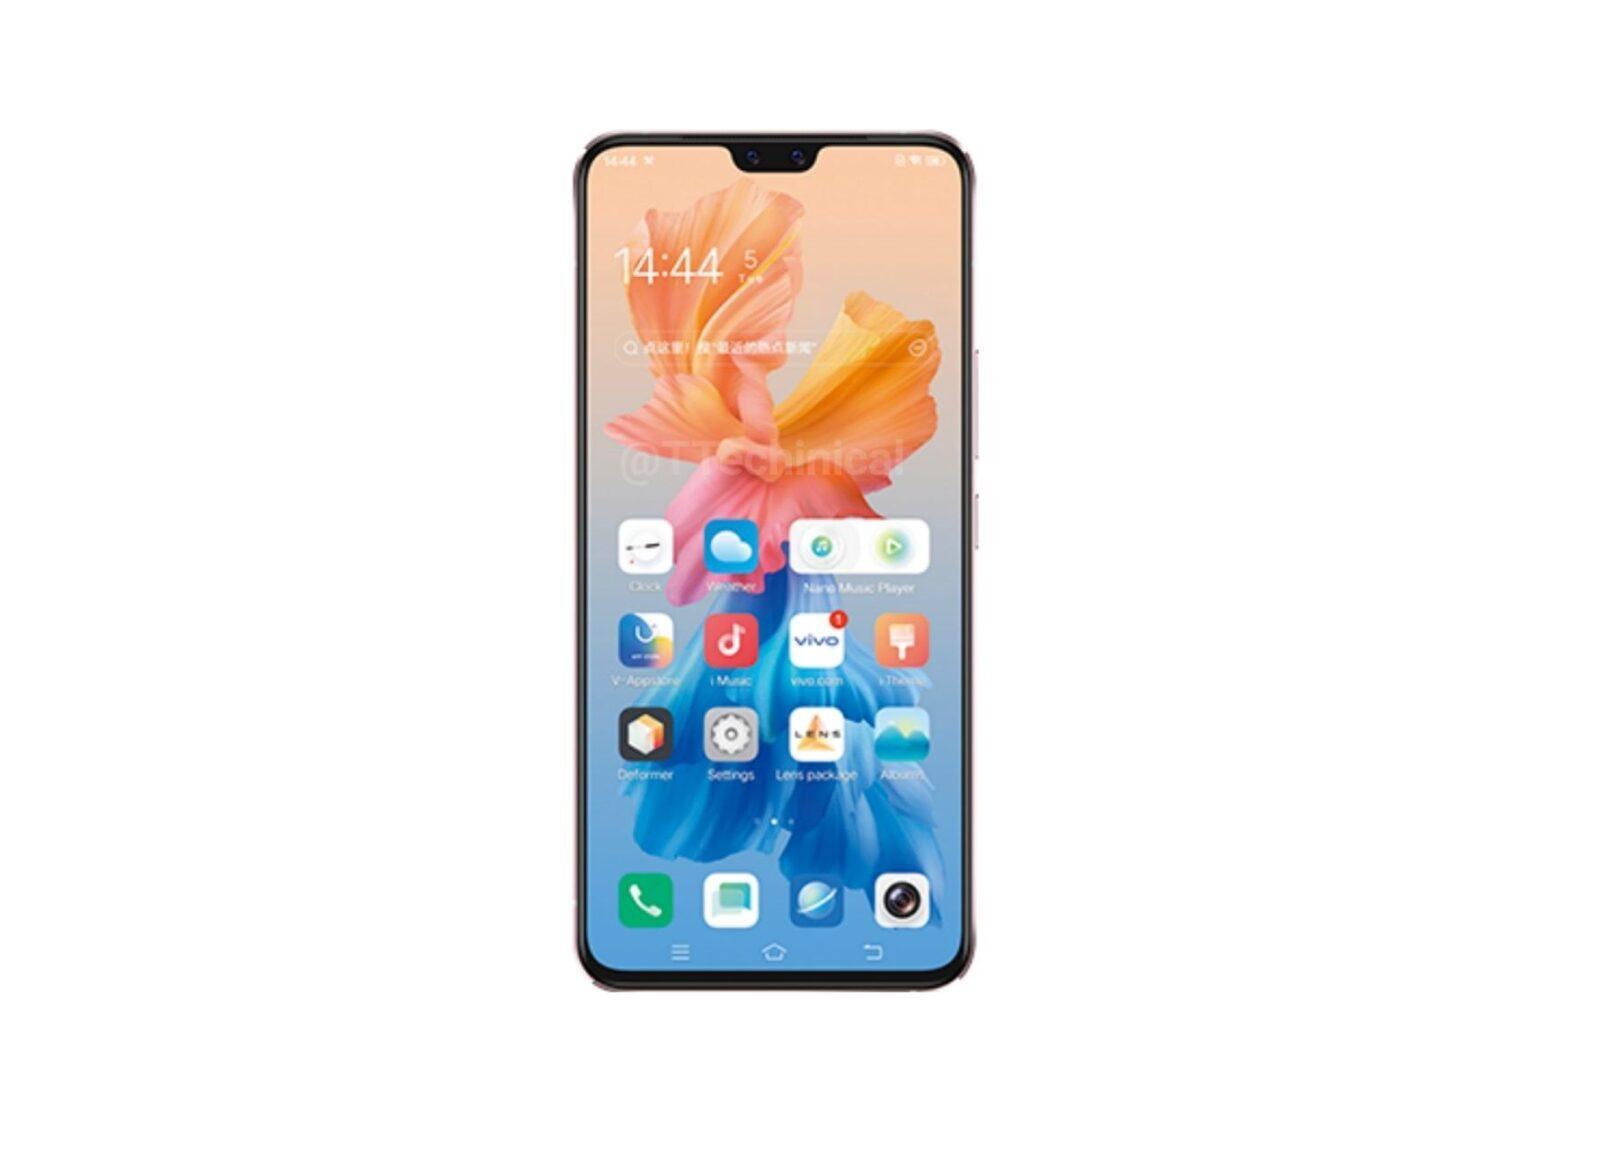 В сеть просочились ключевые характеристики смартфона Vivo S9 5G